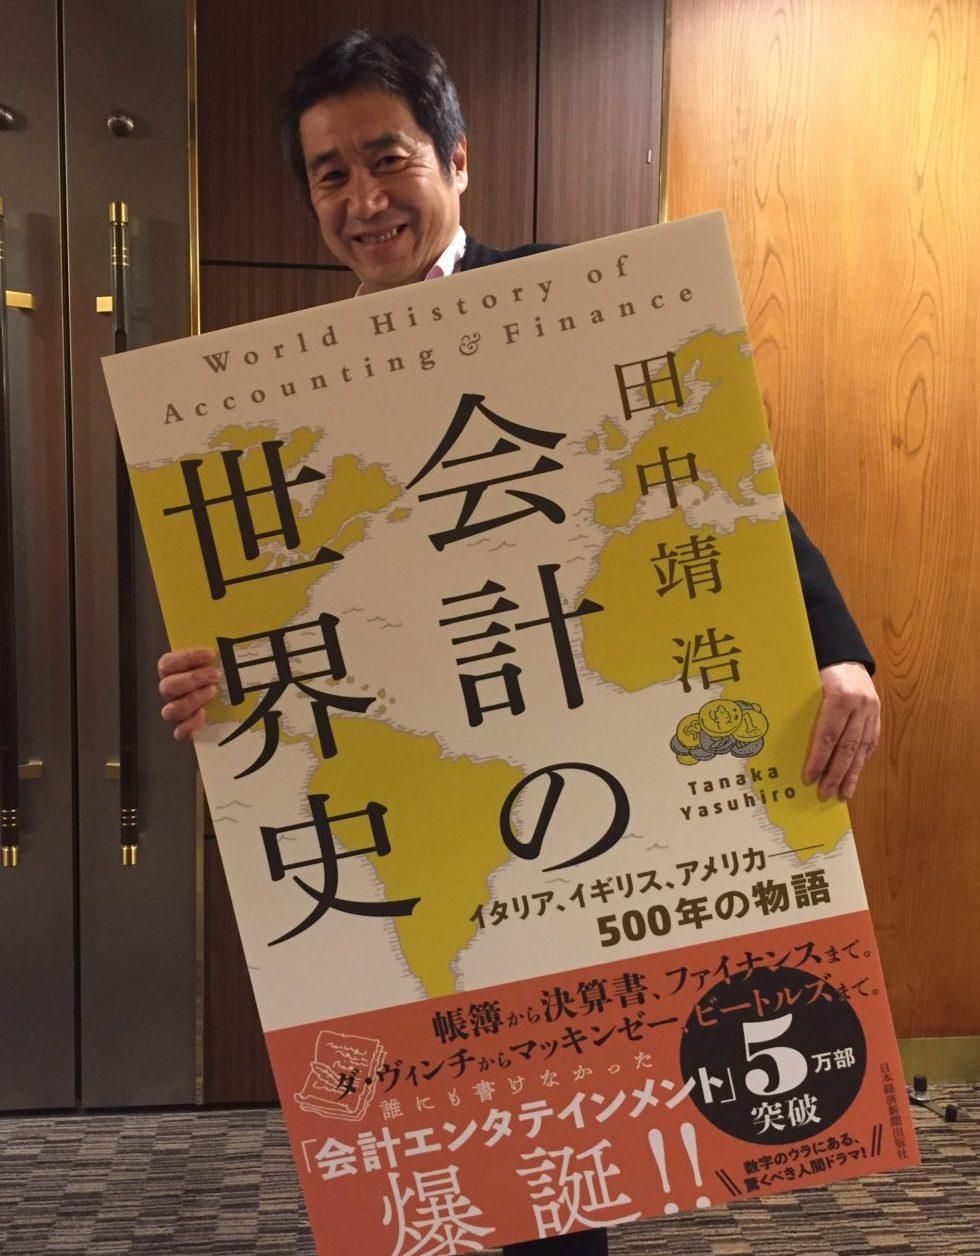 講師:田中靖浩